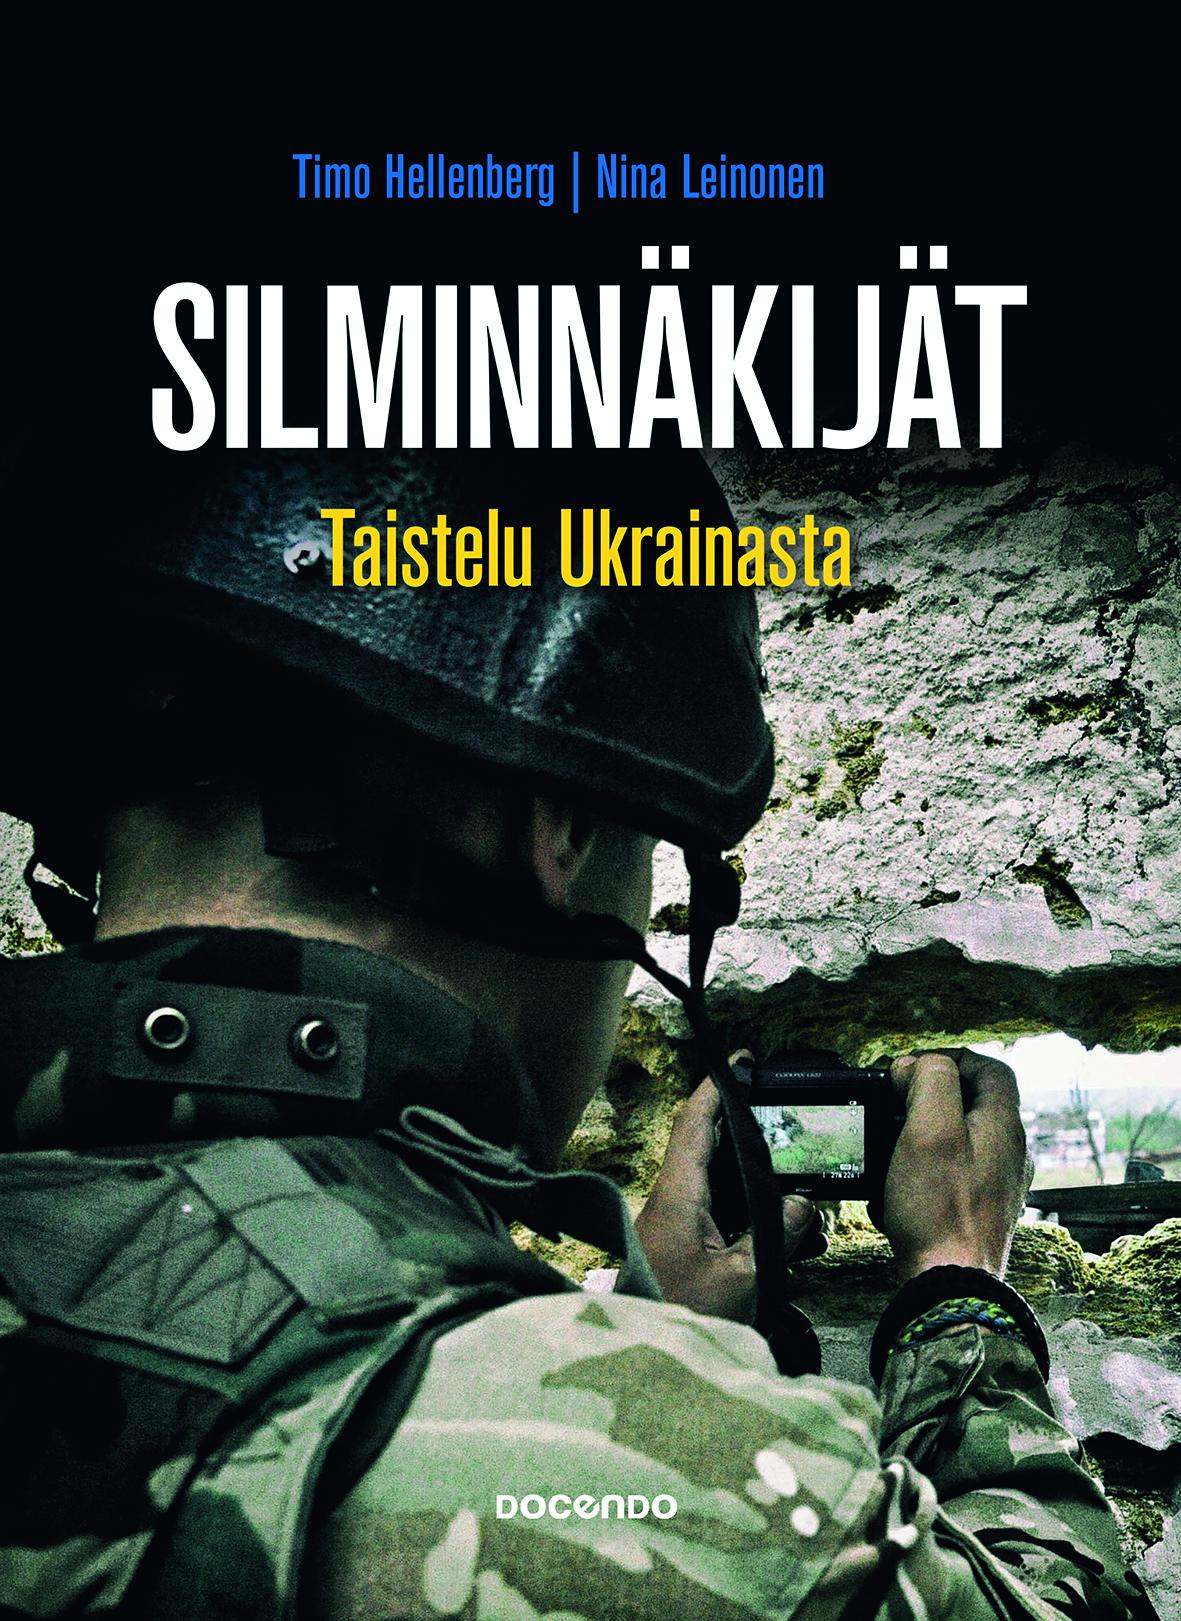 Nina Leinonen & Timo Hellenberg: Silminnäkijät. Taistelu Ukrainasta. Docendo 2016, 381 s.